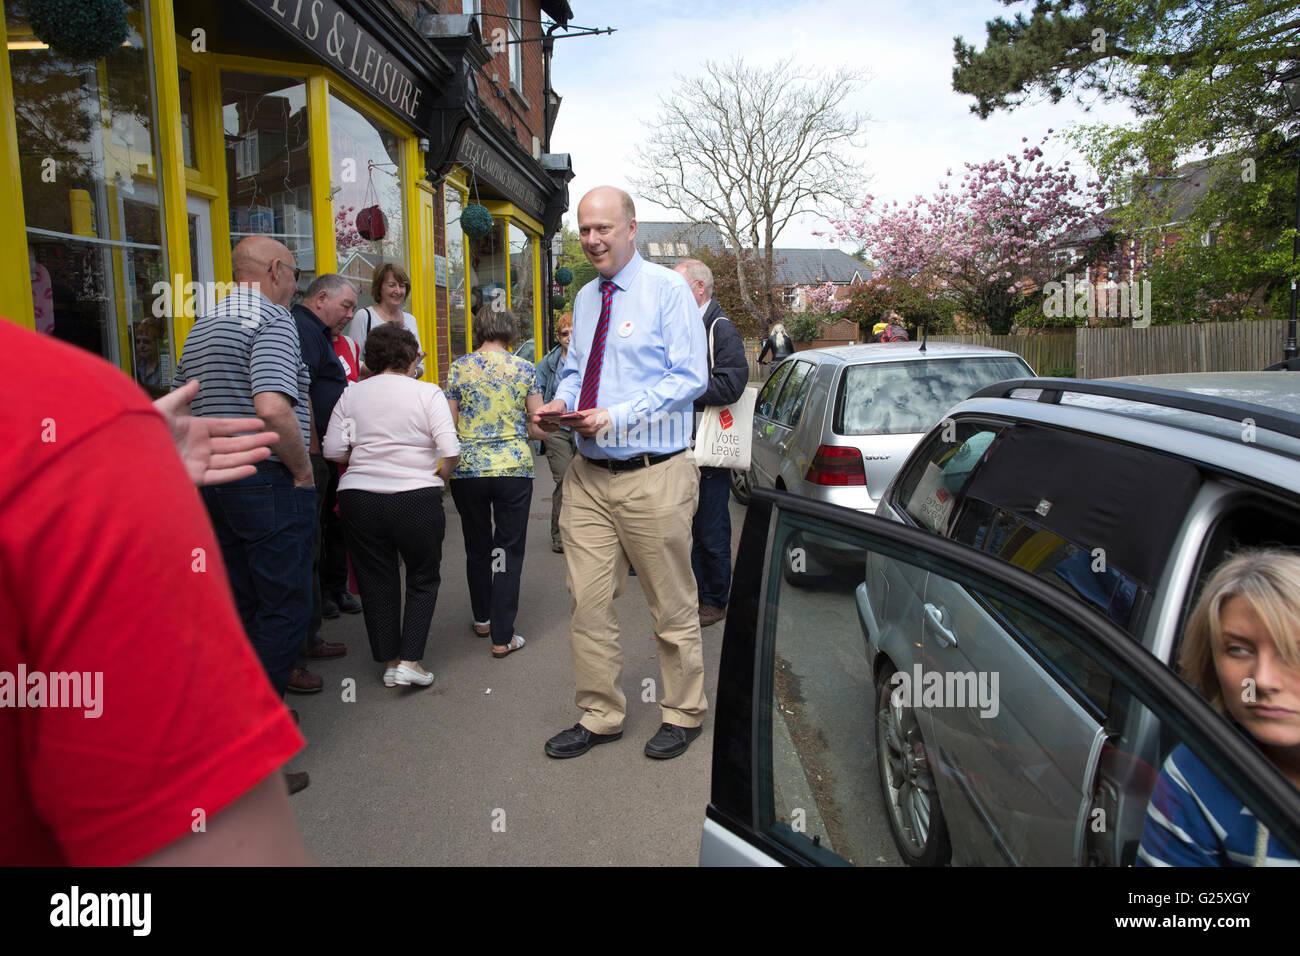 Chris Grayling, homme politique conservateur britannique campagne pour quitter l'Europe devant l'UE référendum, Photo Stock